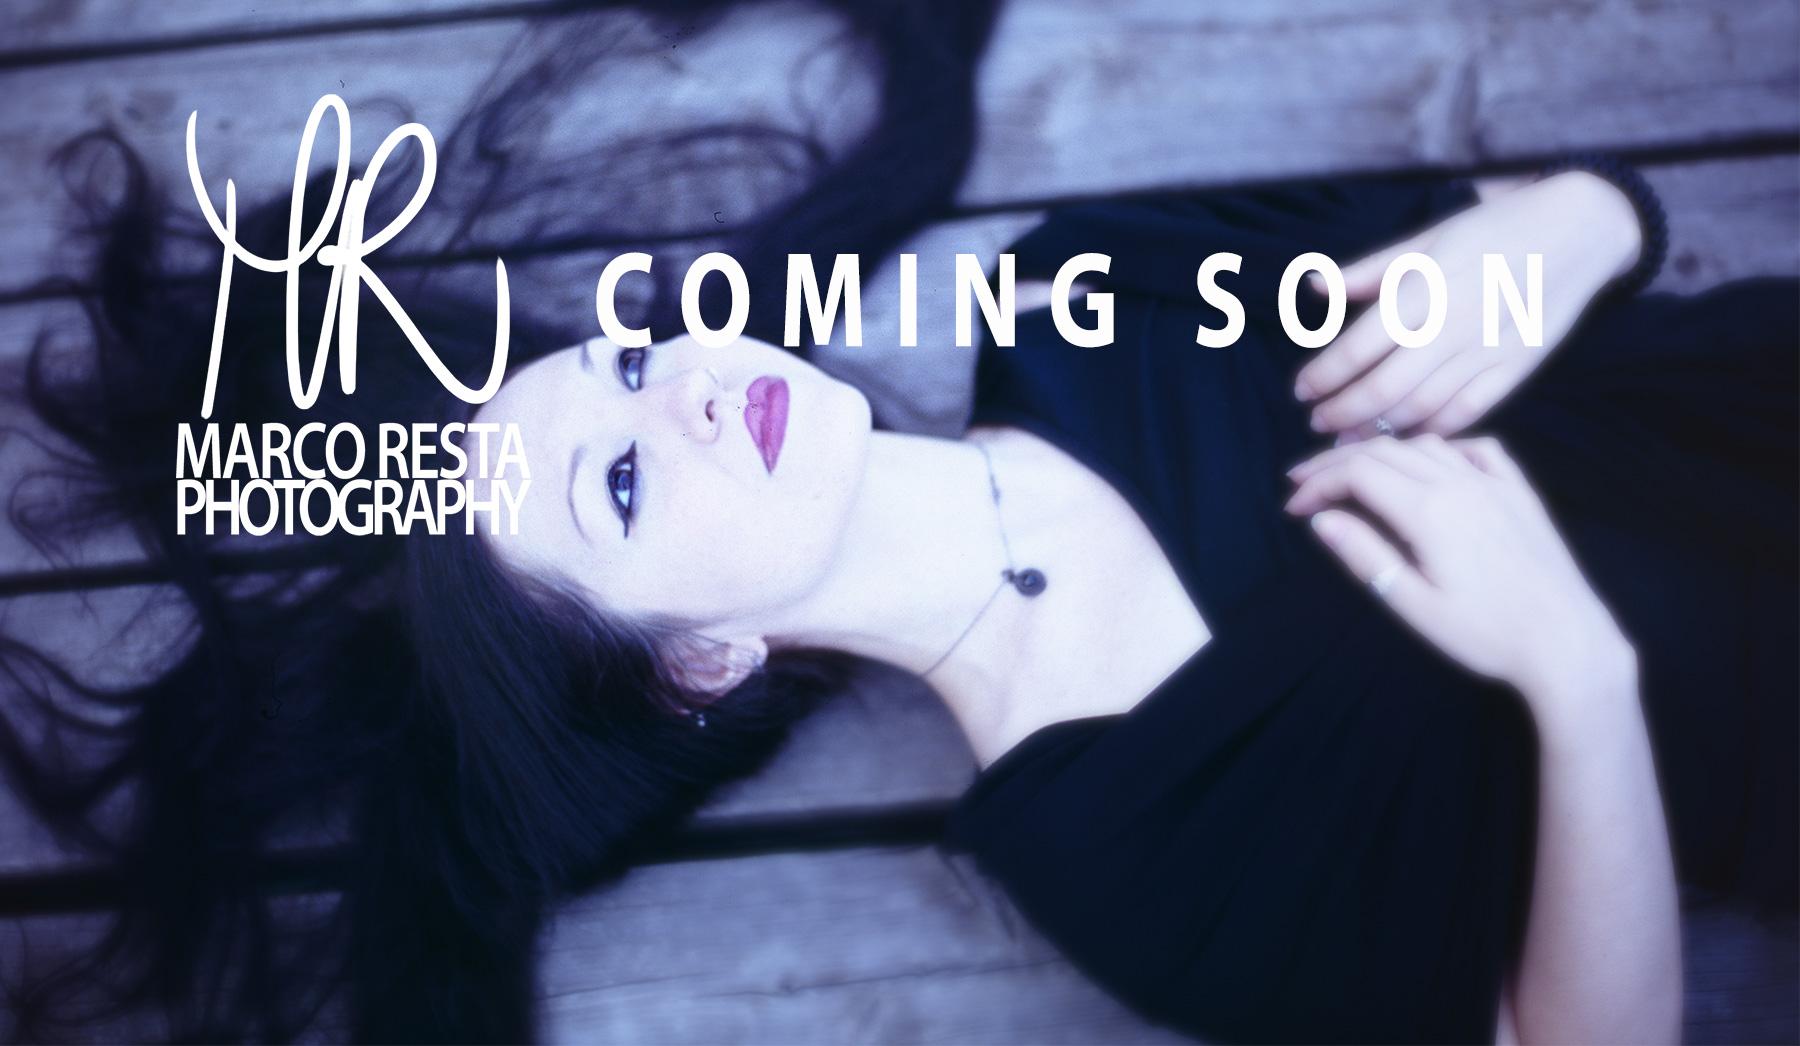 cooming_soon.jpg